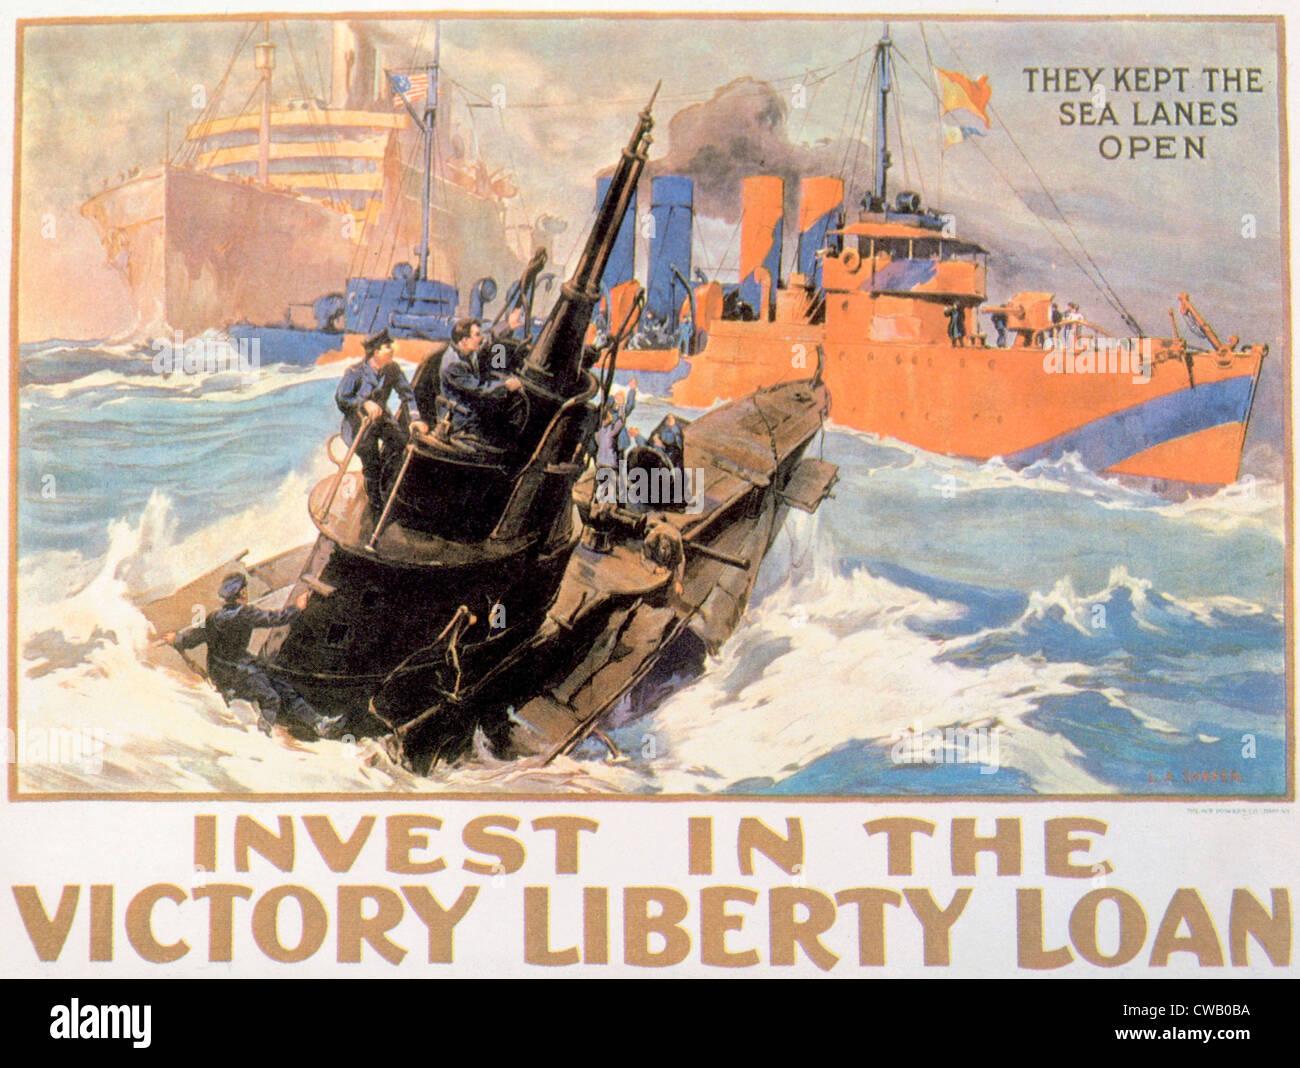 War Bonds Poster Stock Photos & War Bonds Poster Stock Images - Alamy